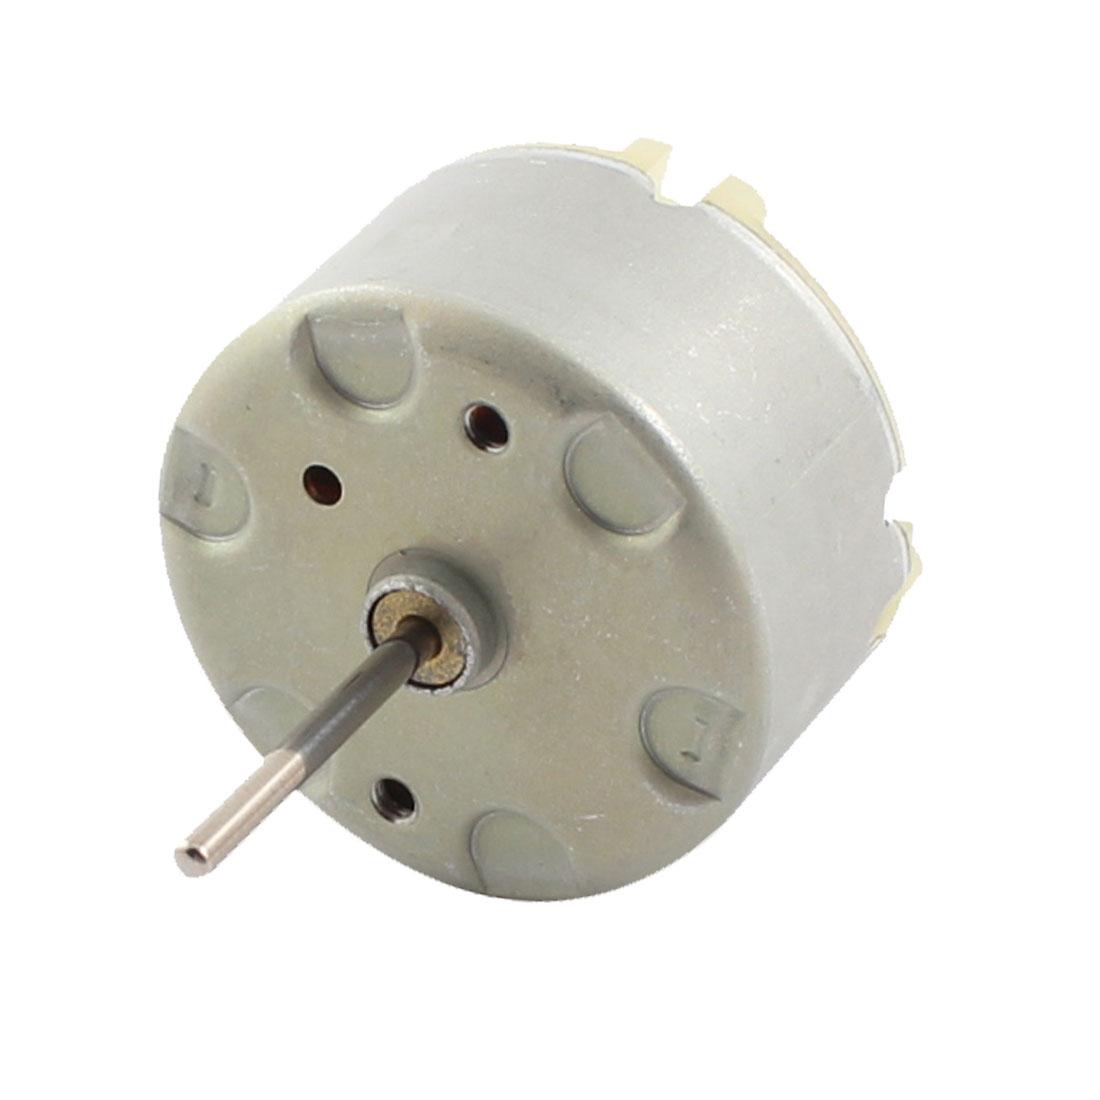 DC 3-12V 3600-4100RPM Micro VDC DVD Player Motor RF-500TB-12560